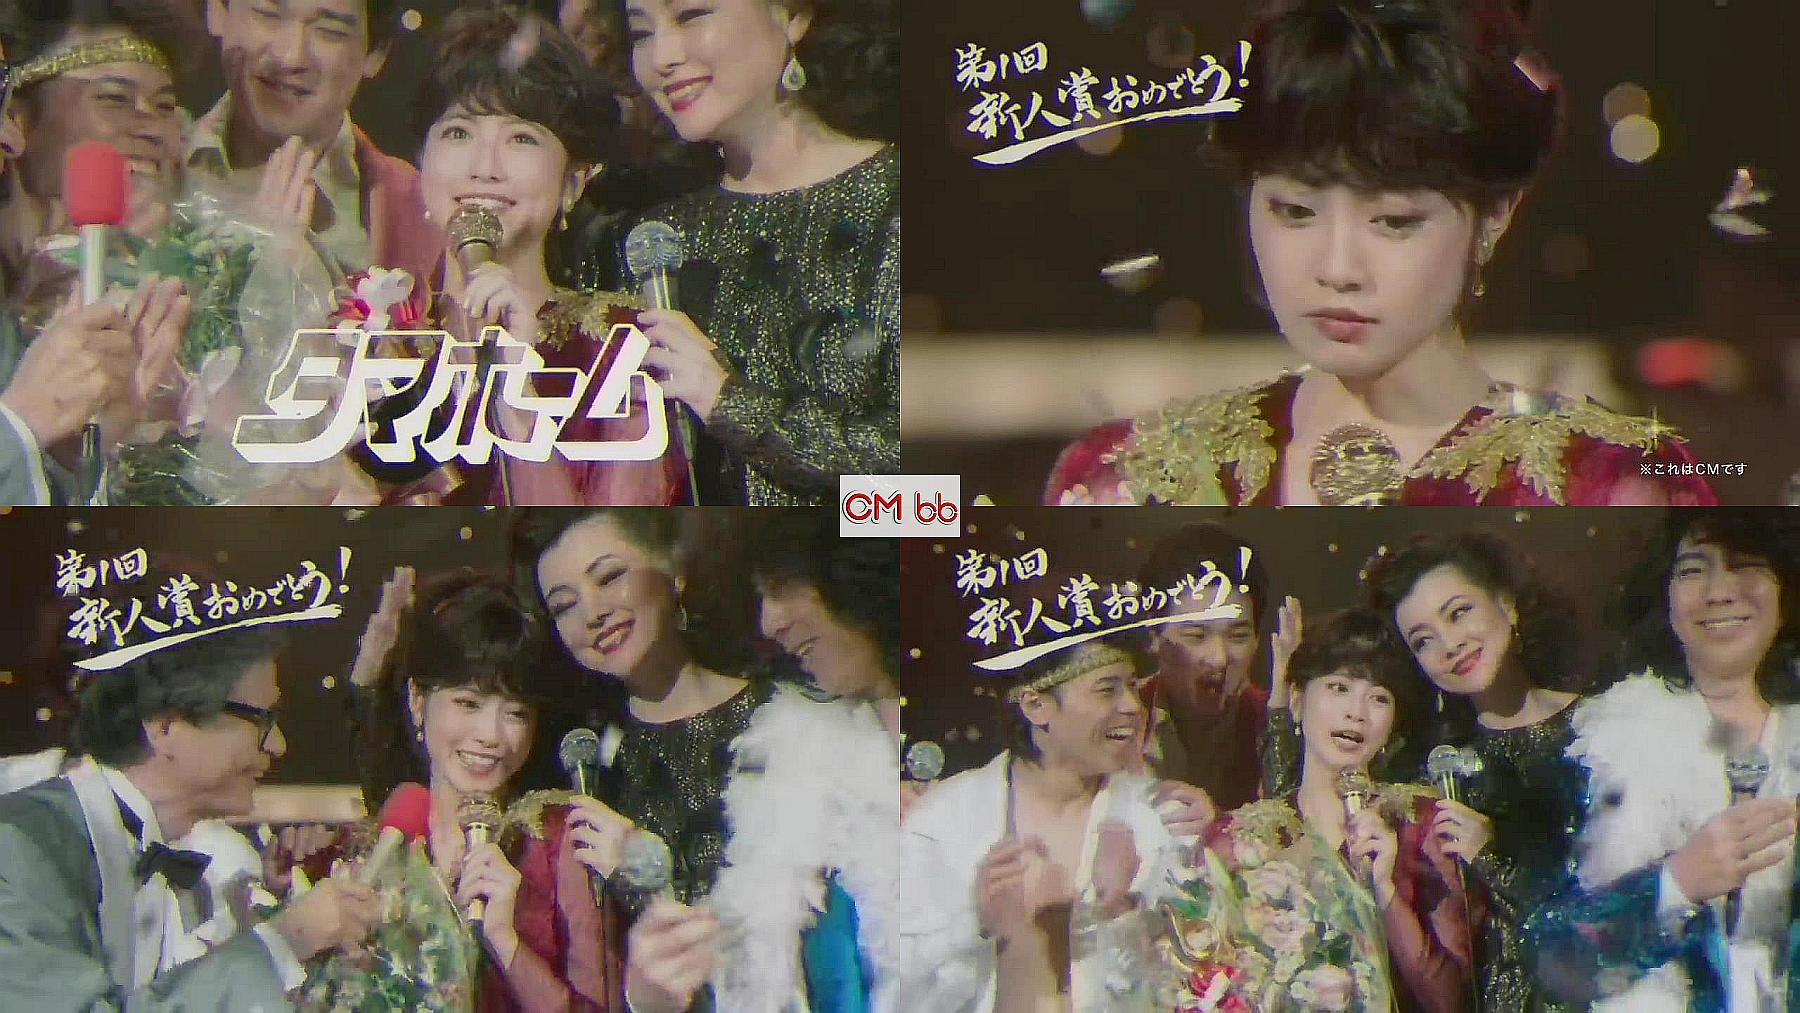 女性 タマホーム cm 気になるCM掘り下げ隊 今田美桜が80年代アイドルに扮し、『ハッピーソング』を熱唱!タマホームのCMはなぜいつも歌っているのか?